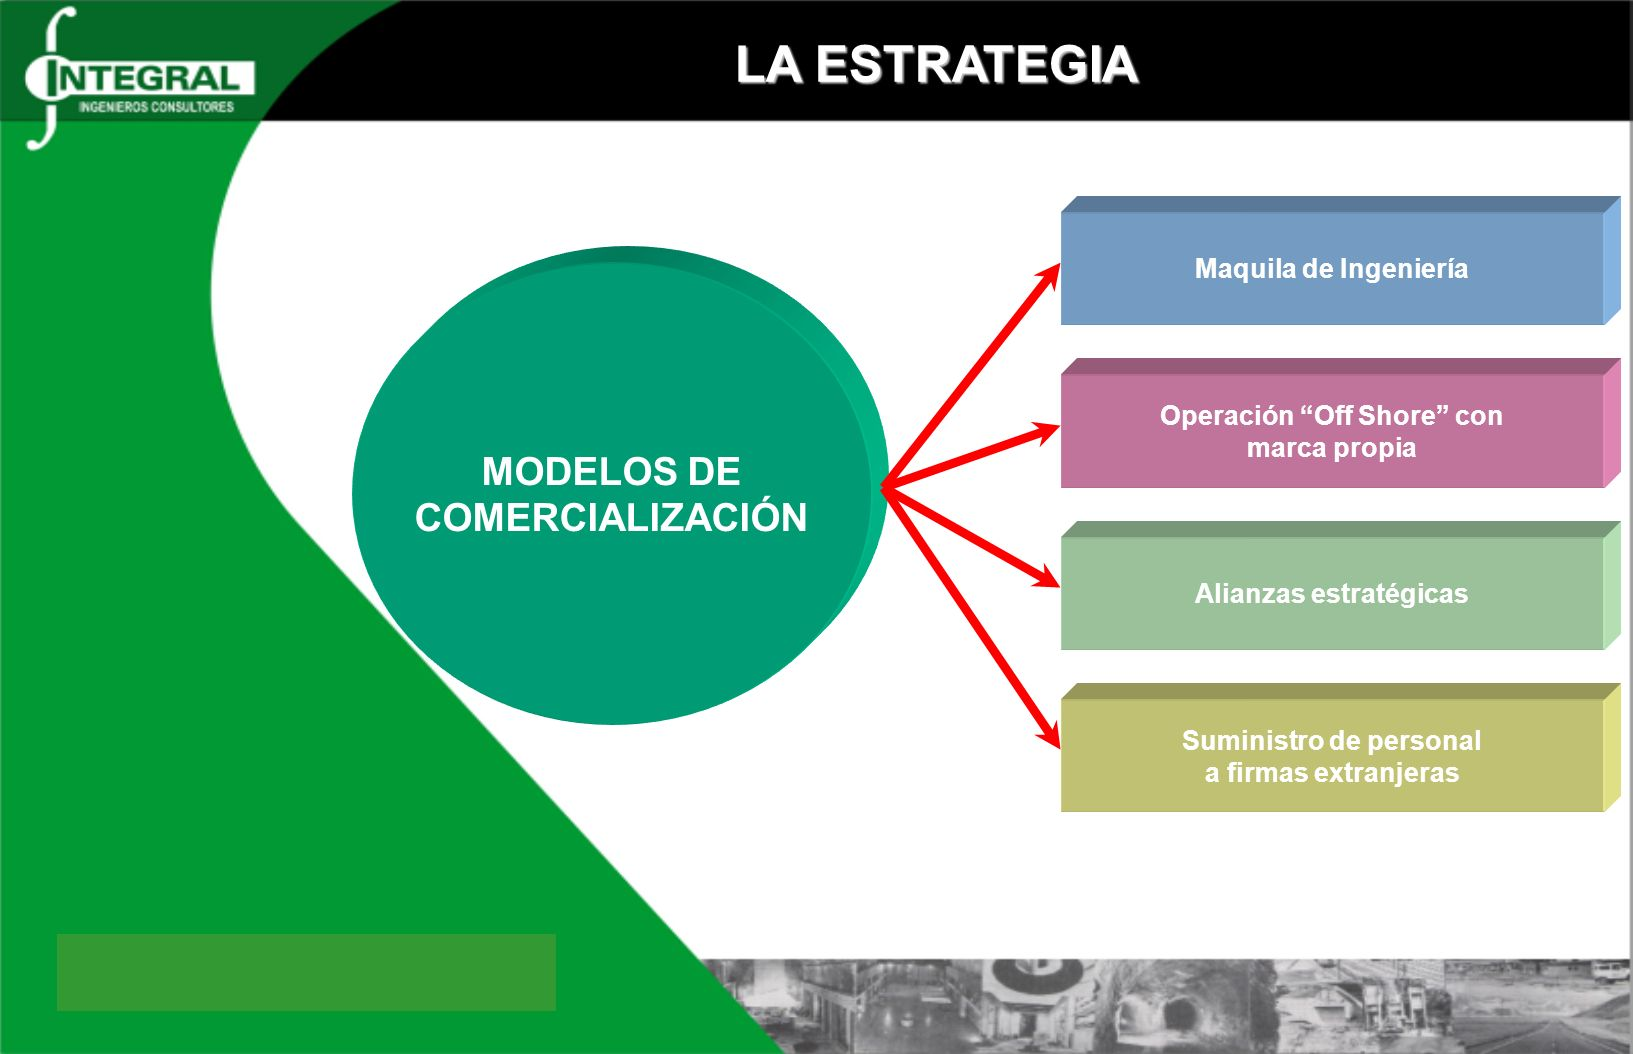 LA ESTRATEGIA MODELOS DE COMERCIALIZACIÓN Maquila de Ingeniería Operación Off Shore con marca propia Alianzas estratégicas Suministro de personal a firmas extranjeras